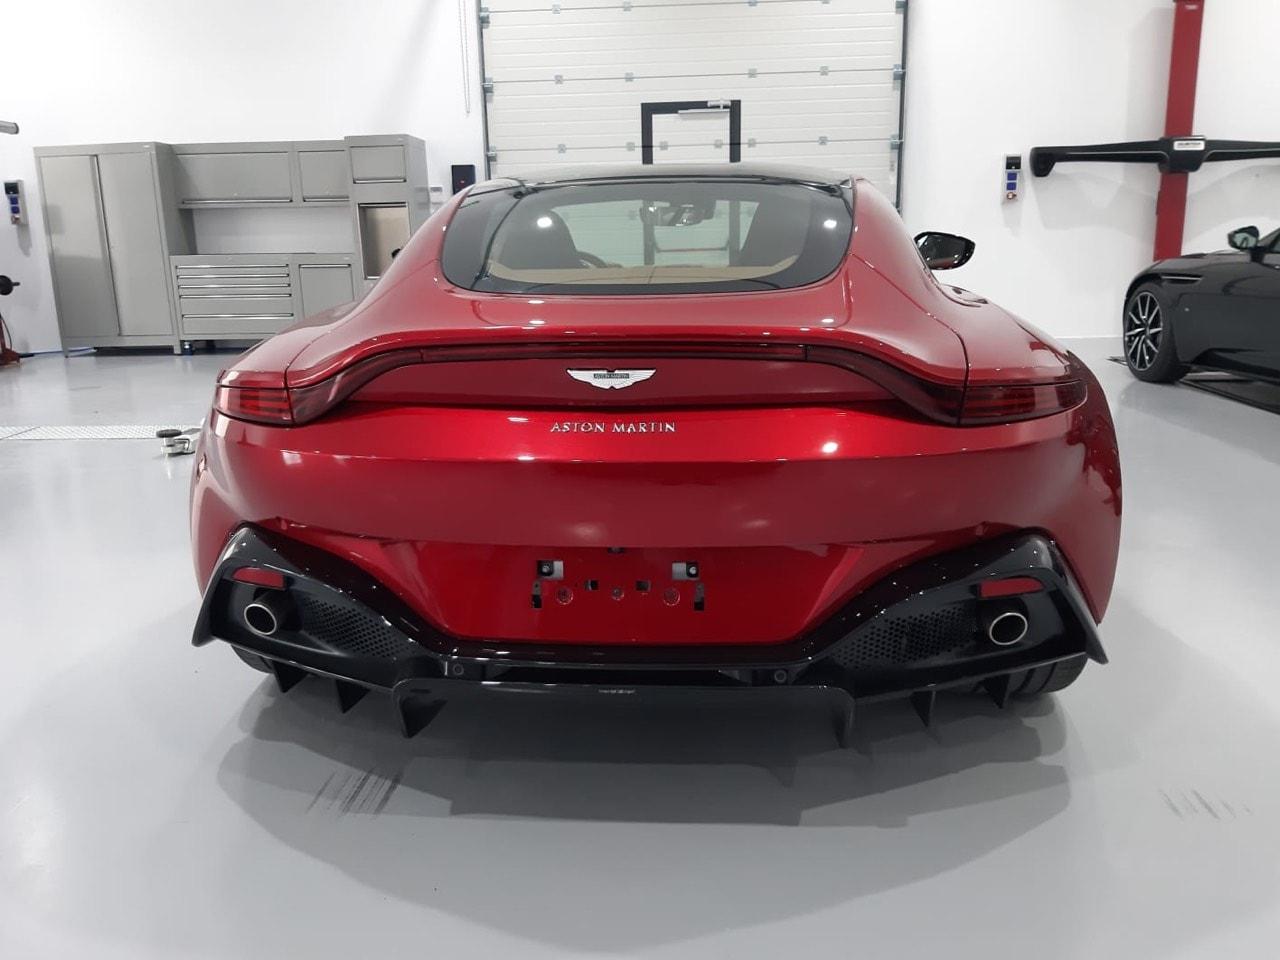 Siêu xe Aston martin đẹp